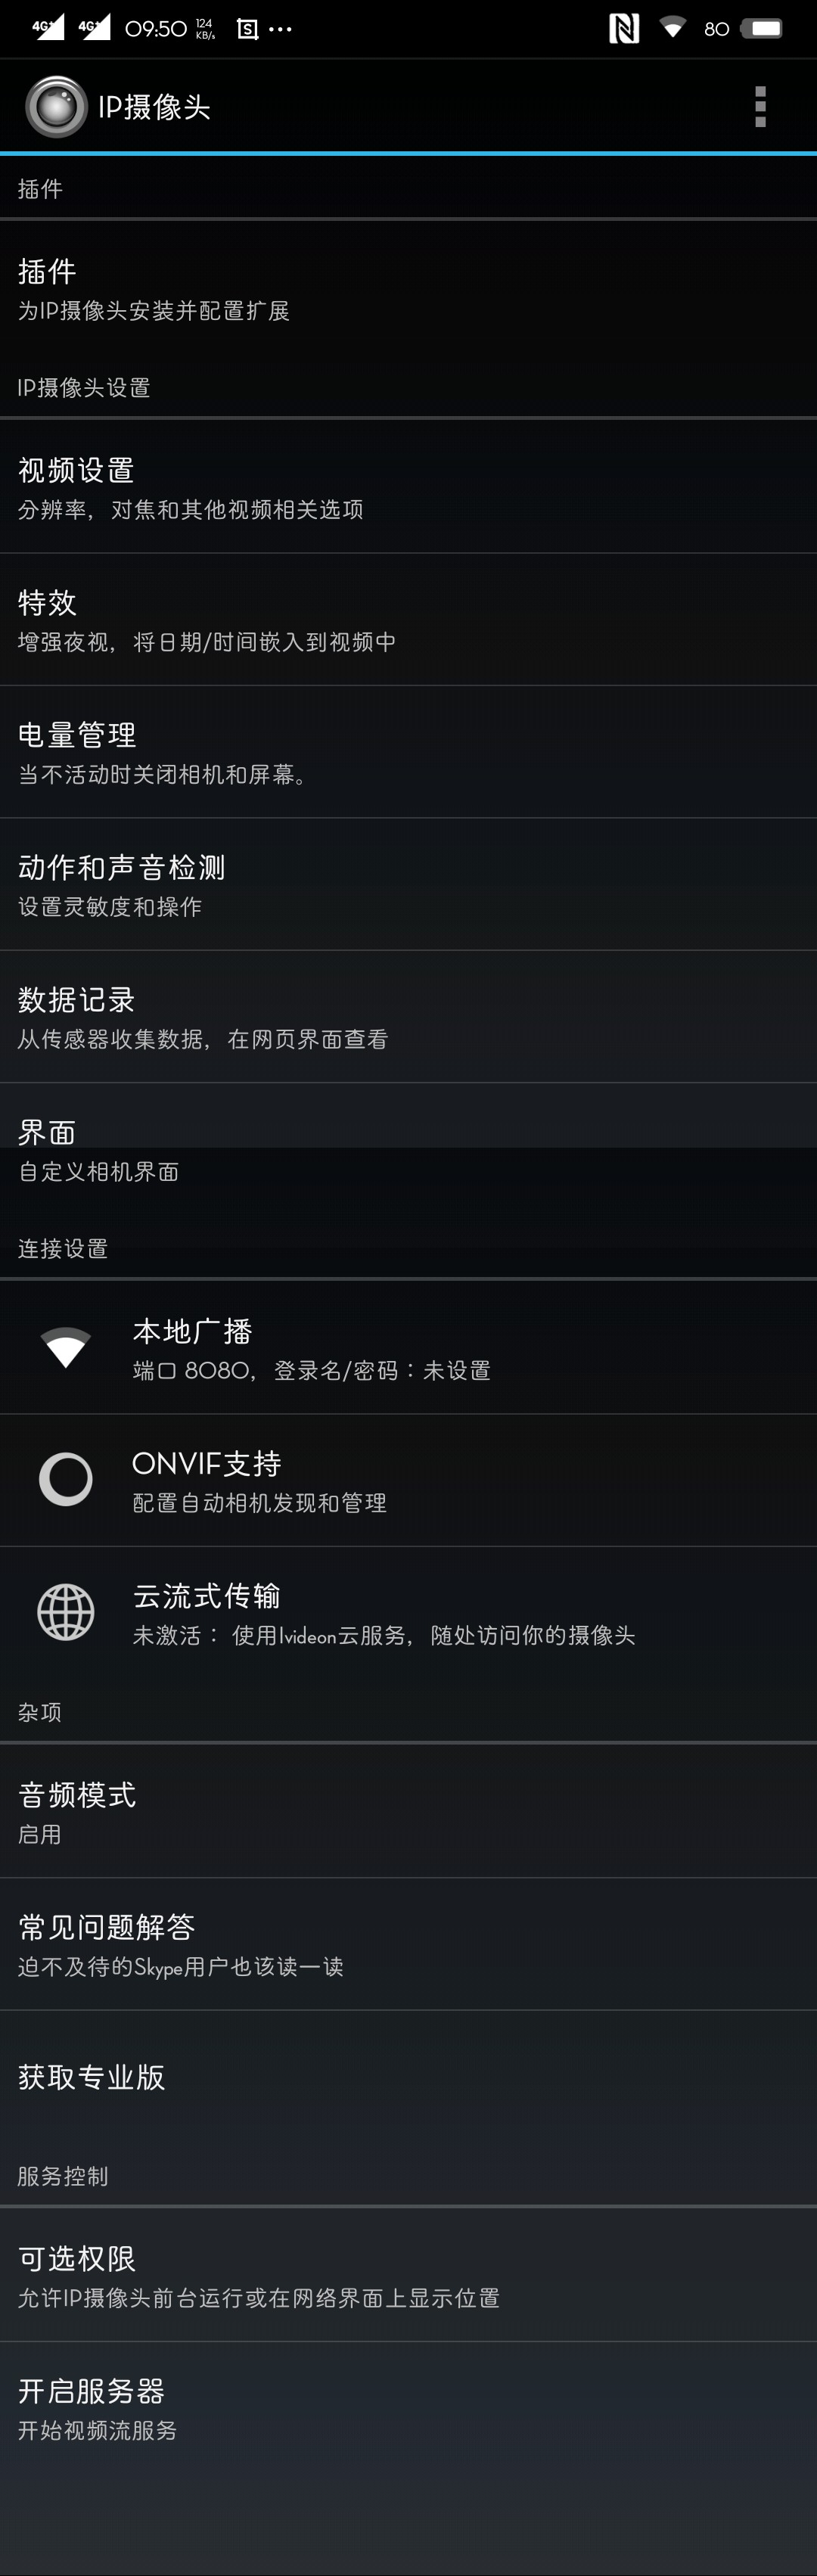 Screenshot_2019_1026_095032.jpg